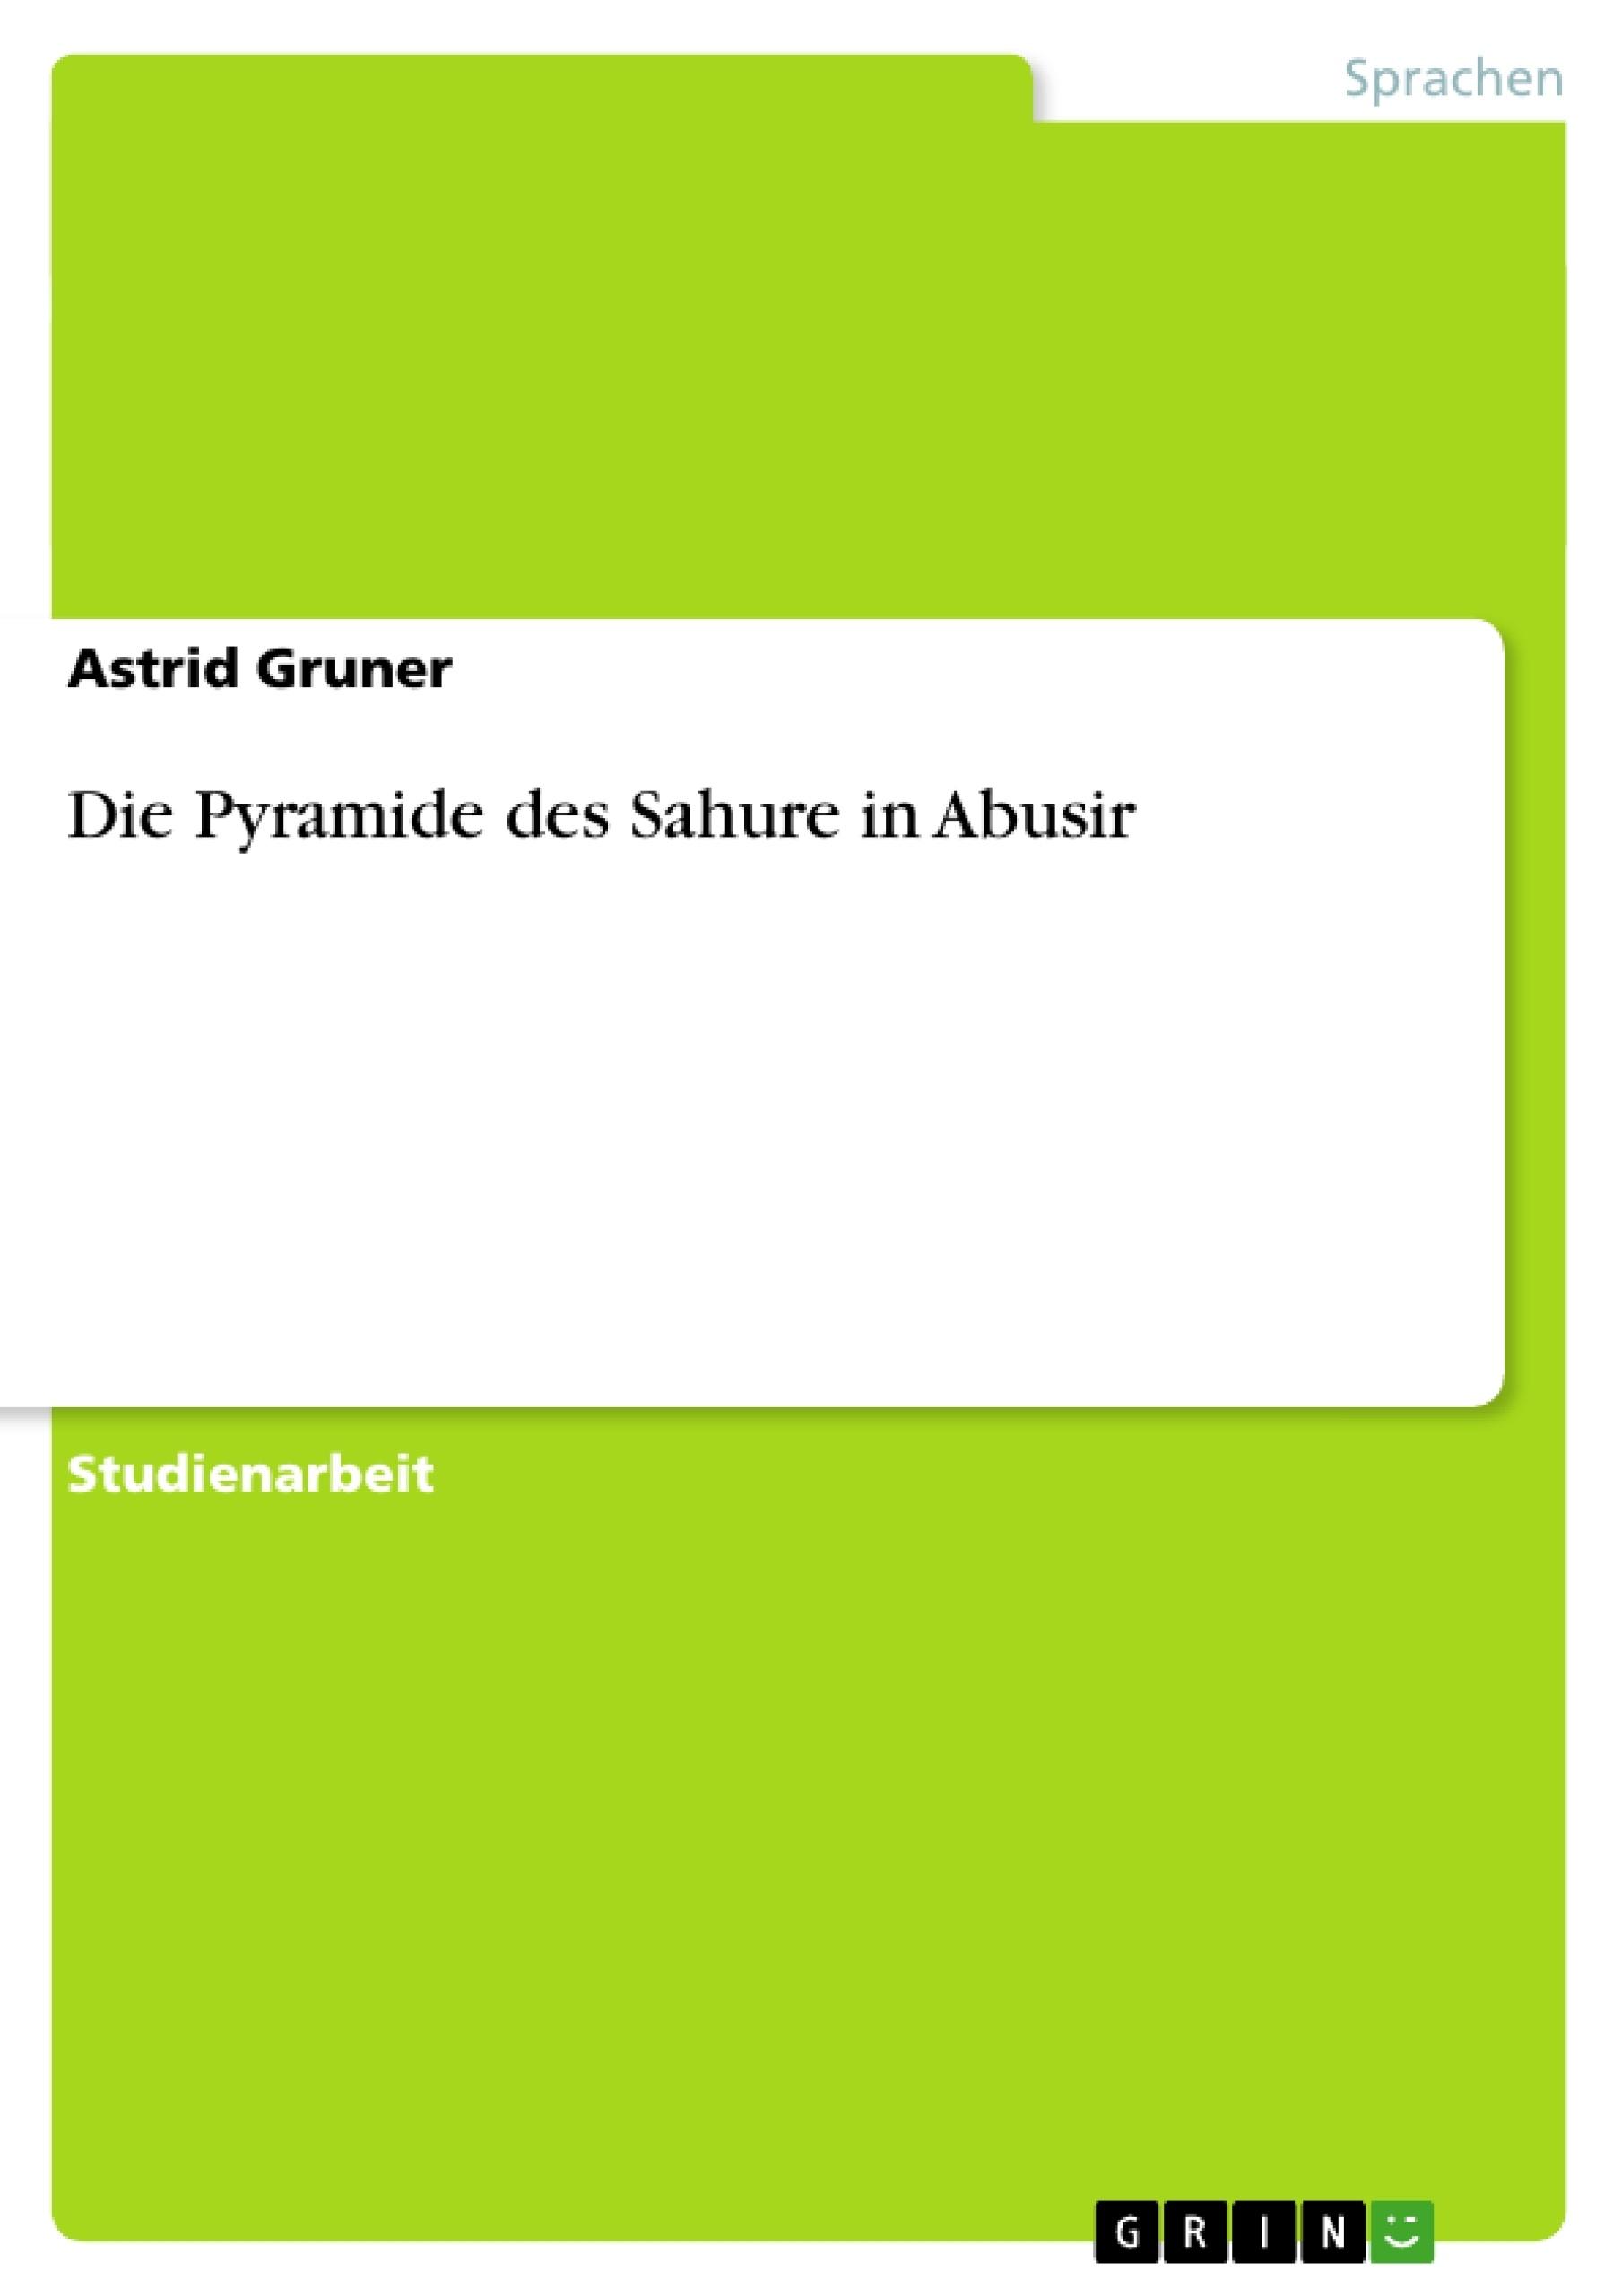 Titel: Die Pyramide des Sahure in Abusir